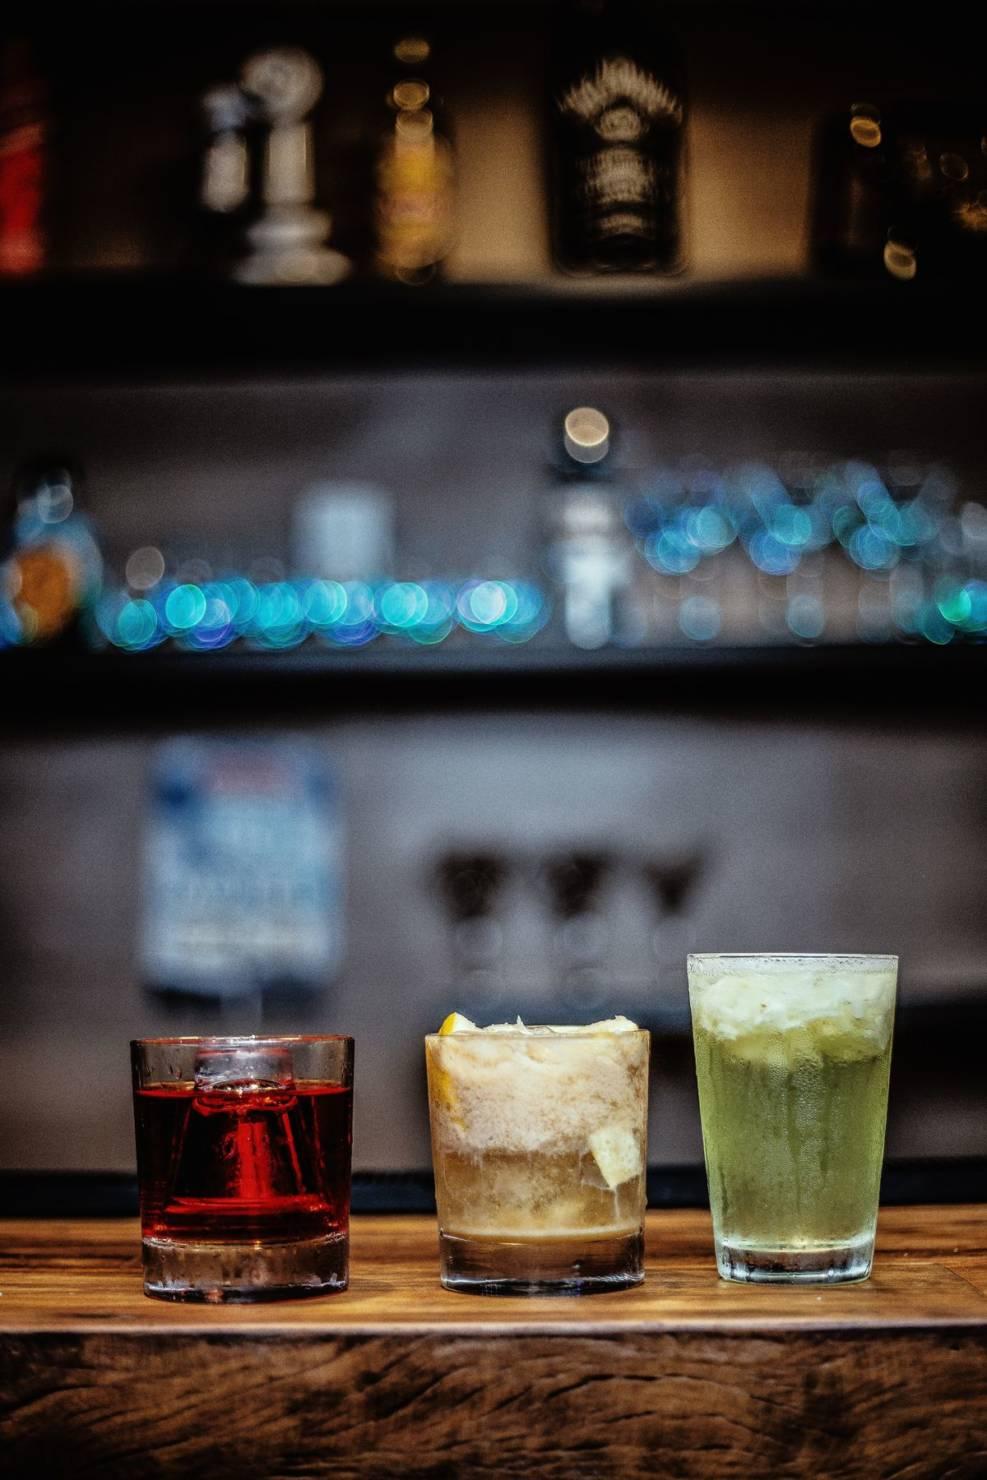 сиропы, miller miller, сиропы миллер,конкурс для барменов, лучшие бармены, барный конкурс, dce magazine, креативная подача